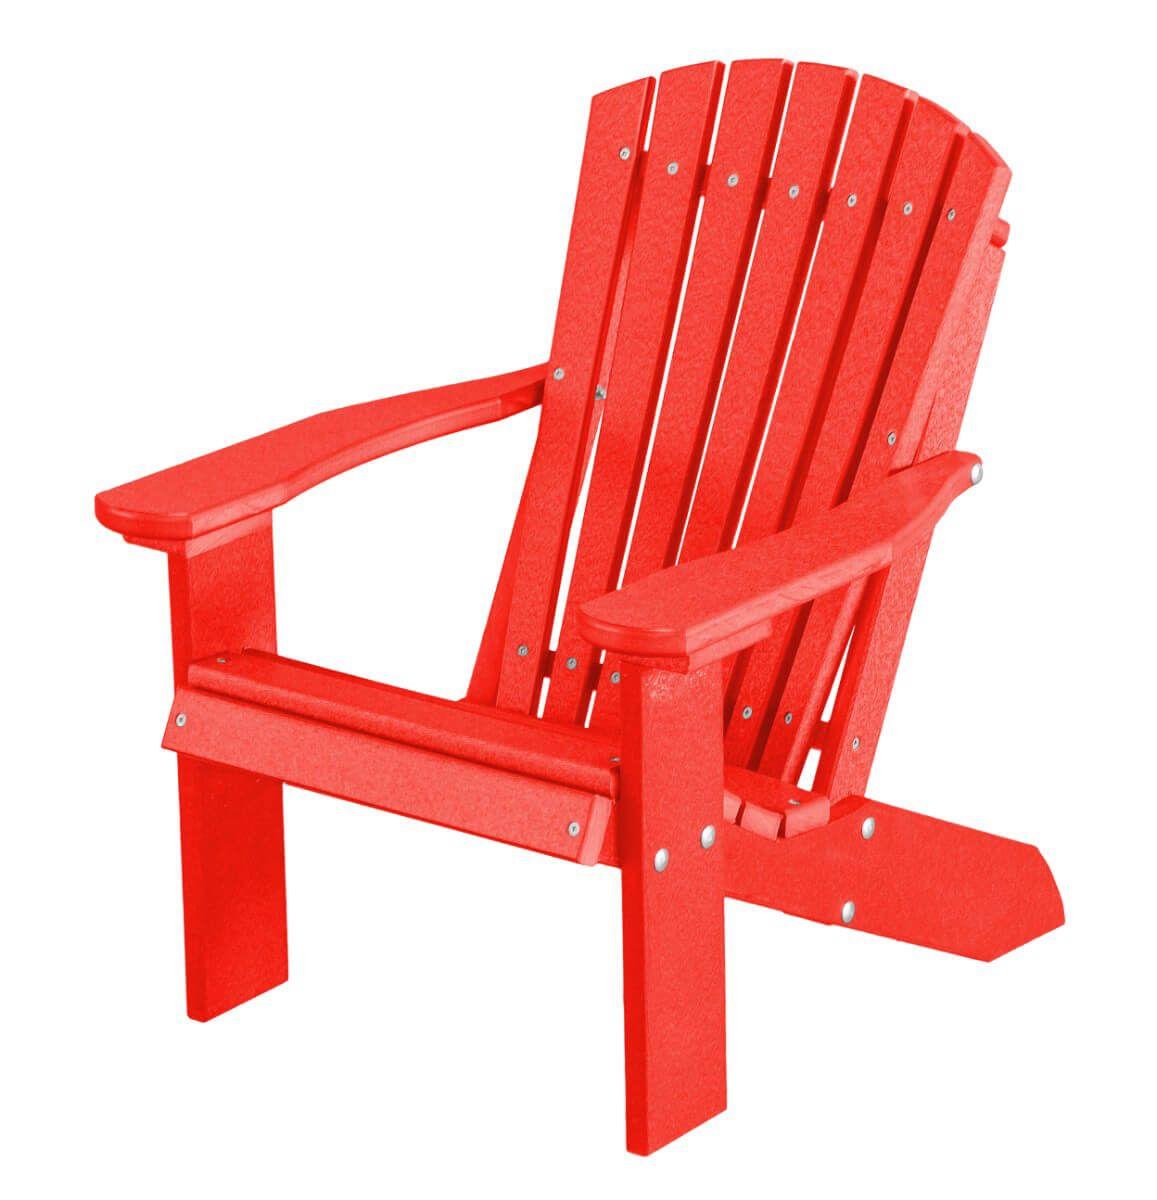 Bright Red Sidra Child's Adirondack Chair